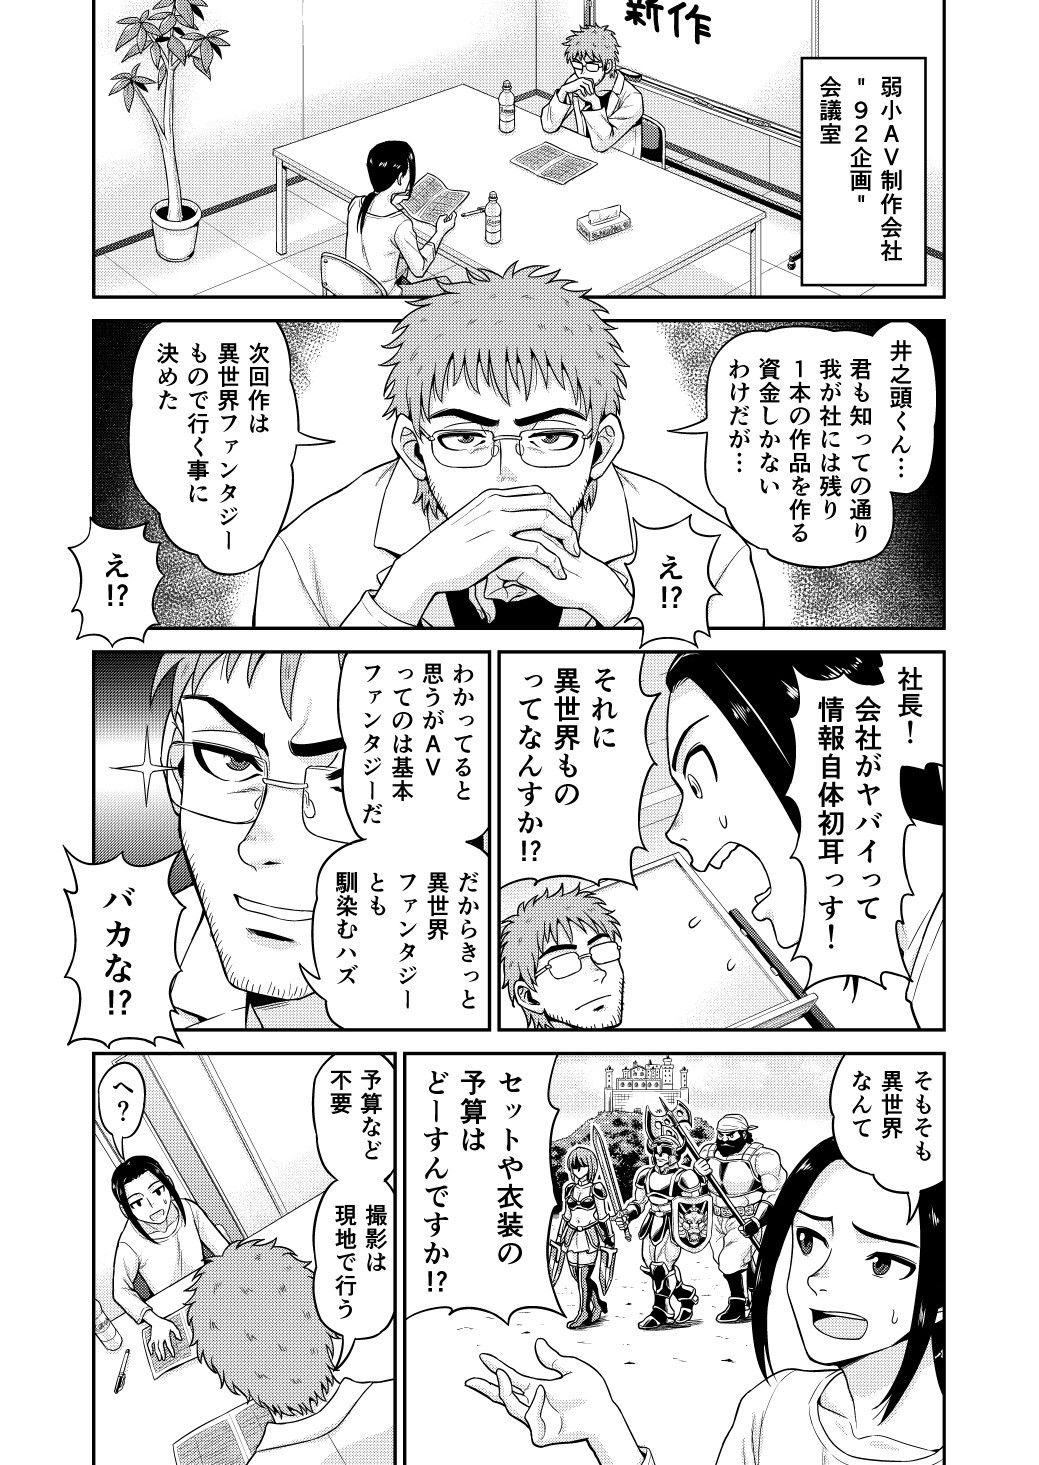 異世界AV撮影隊画像no.1